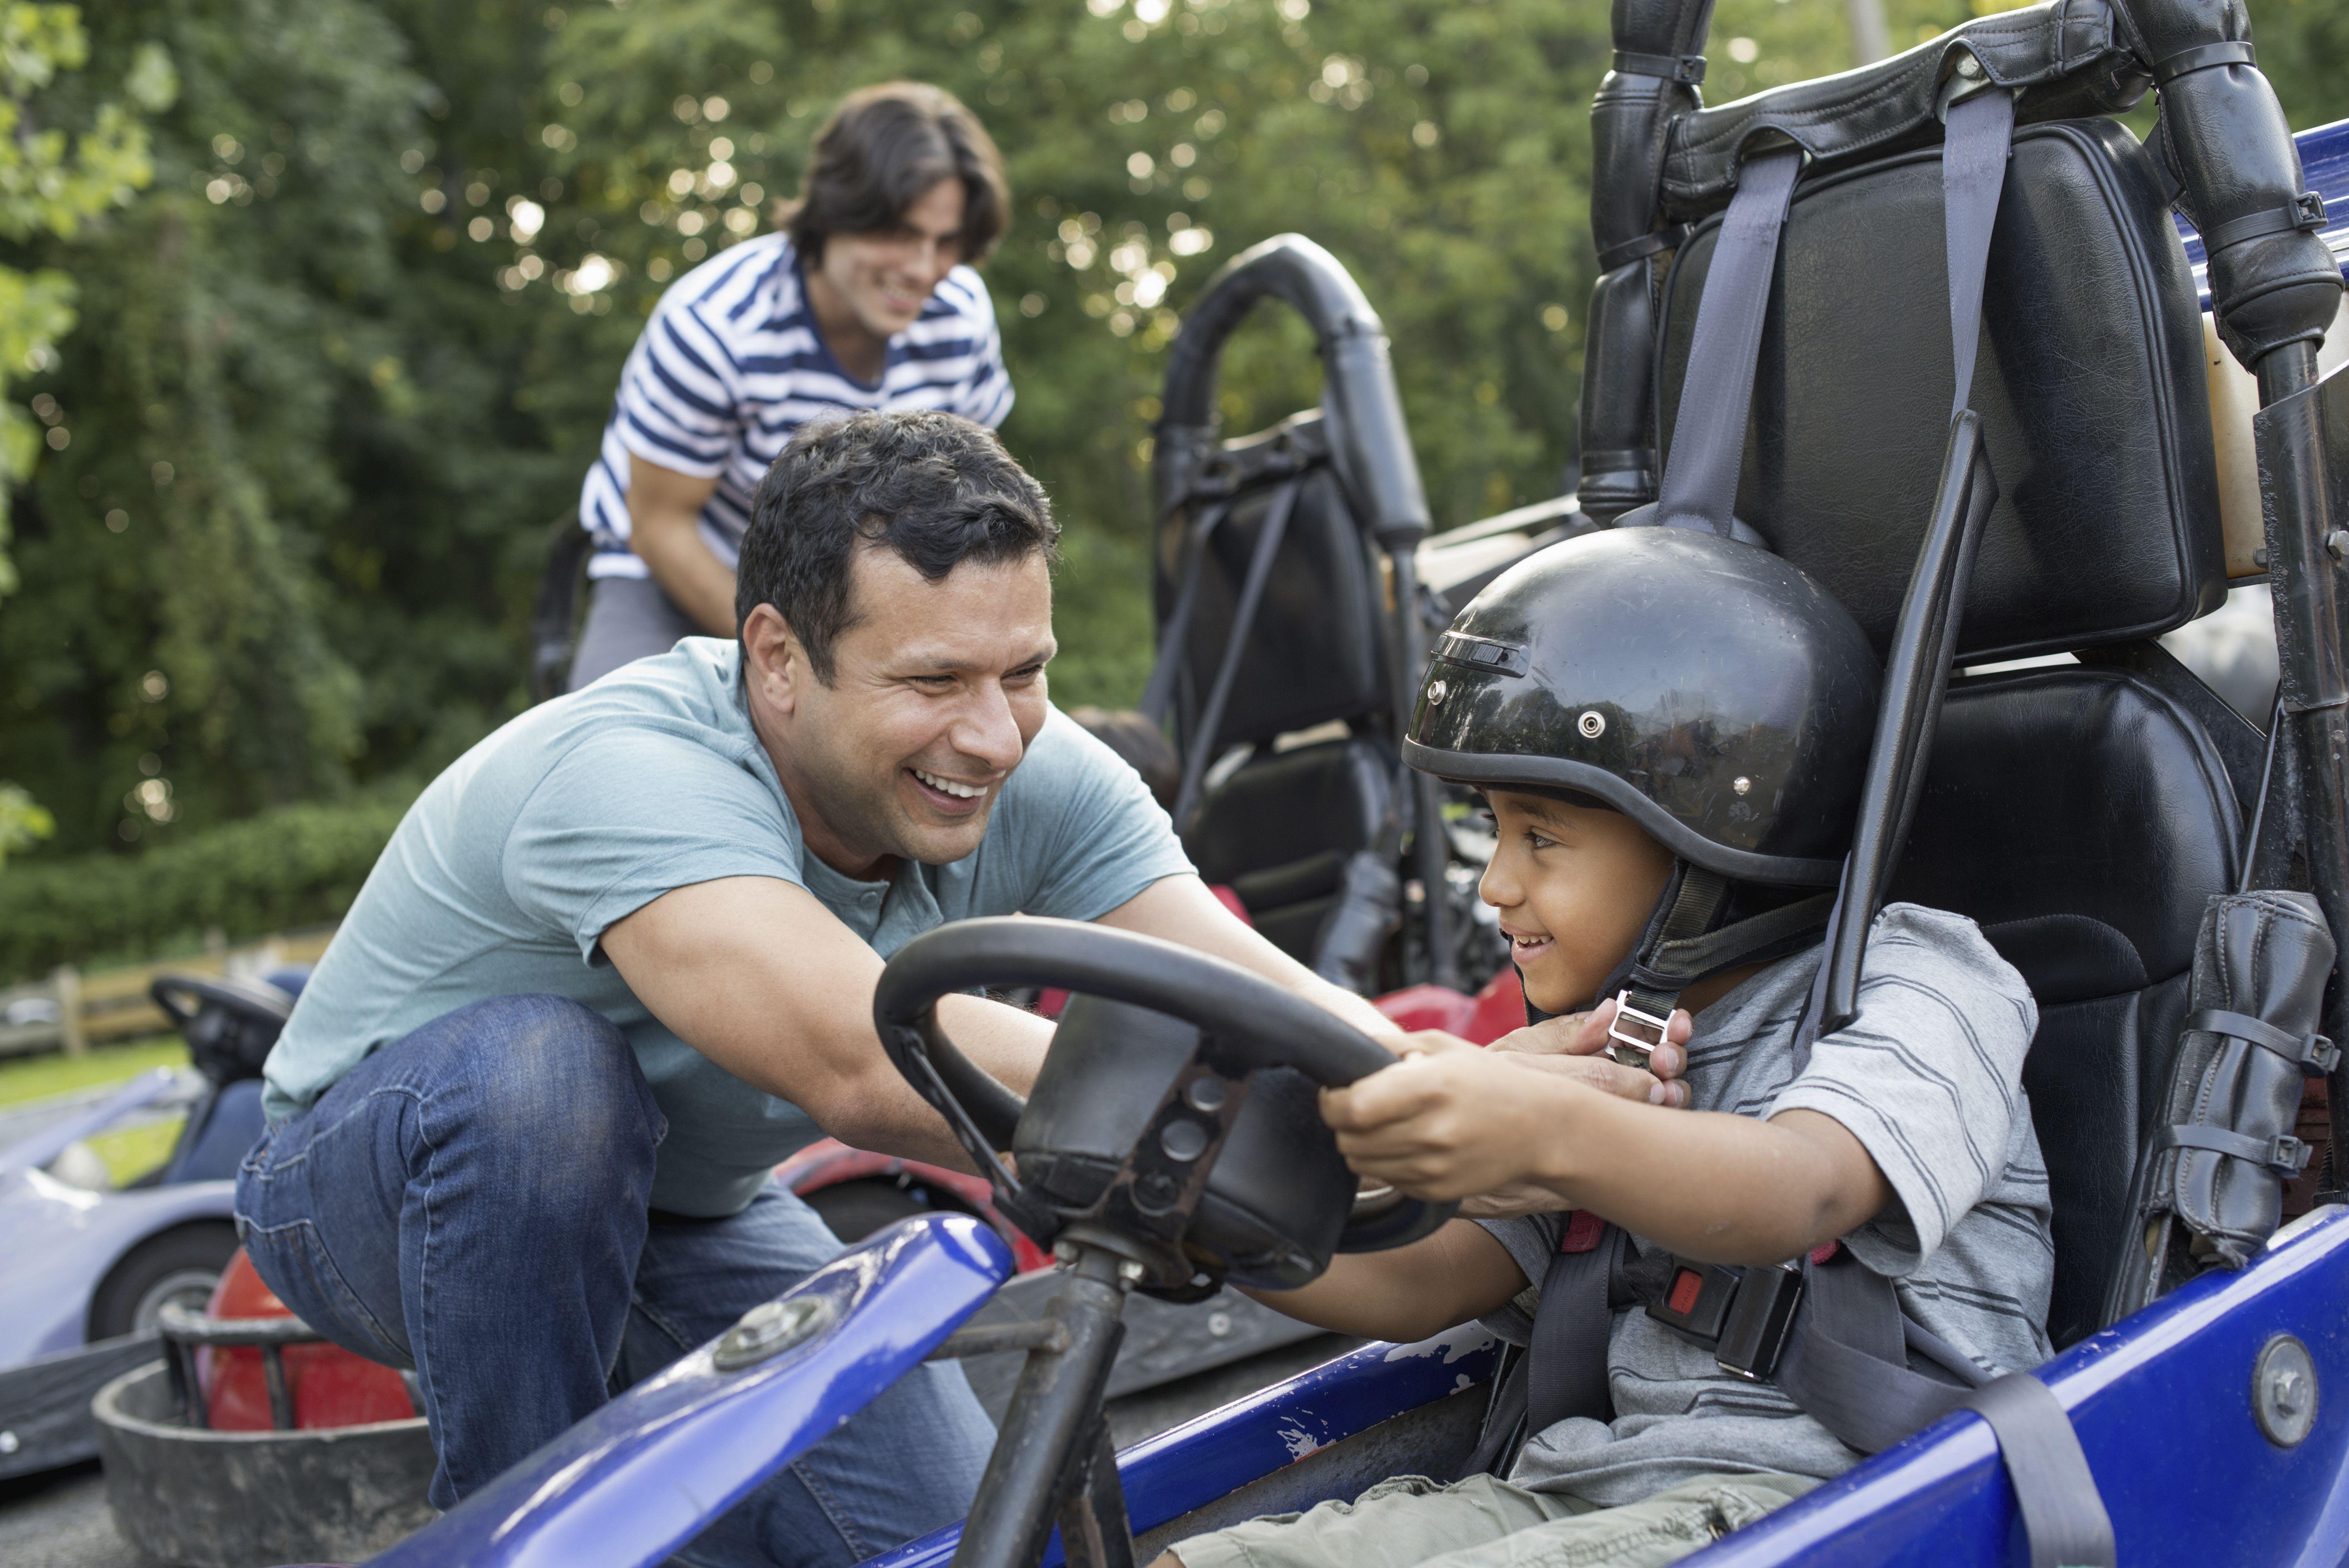 Niños y hombres en una pista de karting